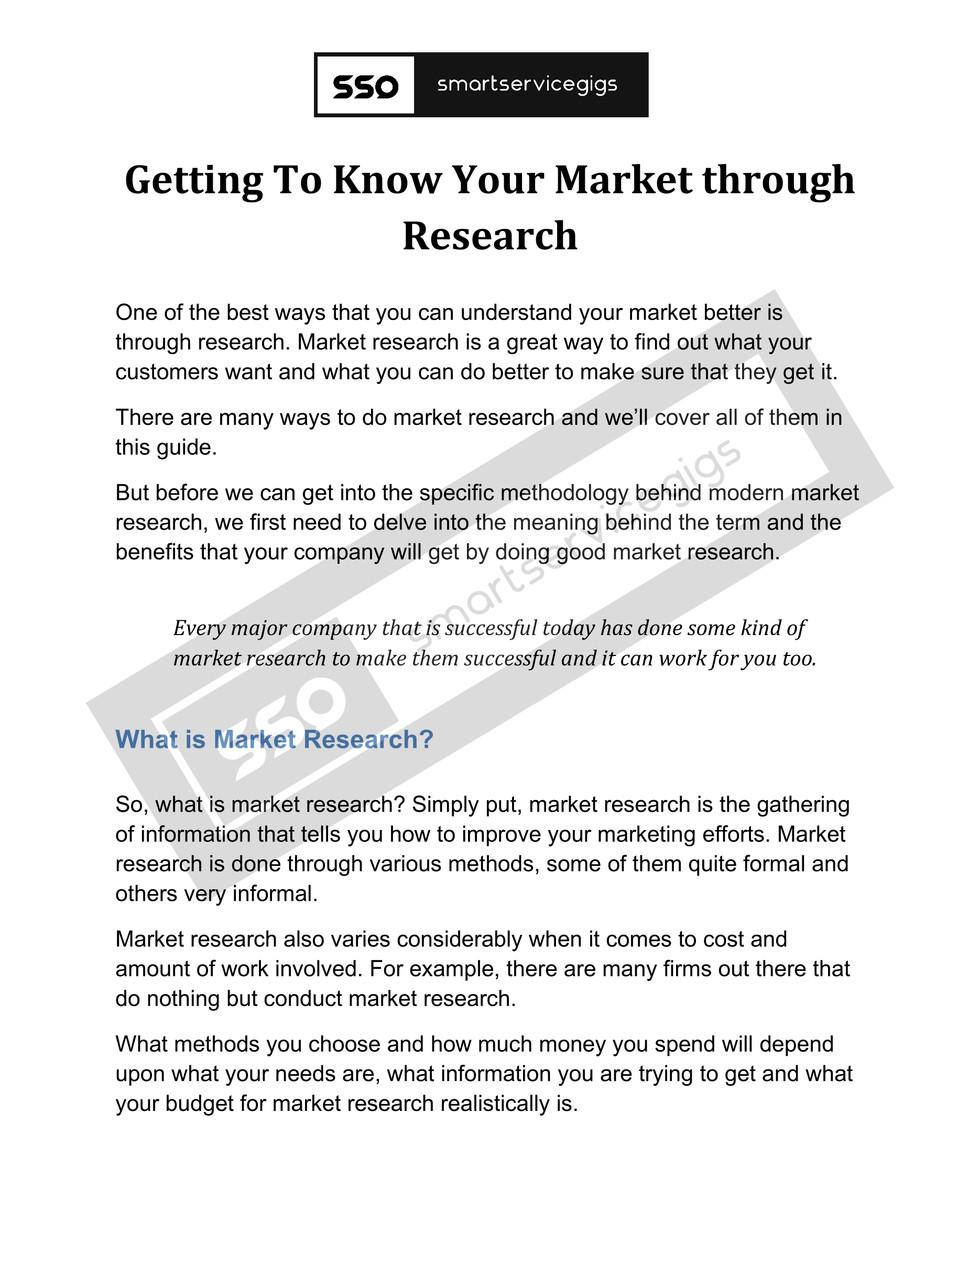 1-PDF Image Watermark 4.jpg